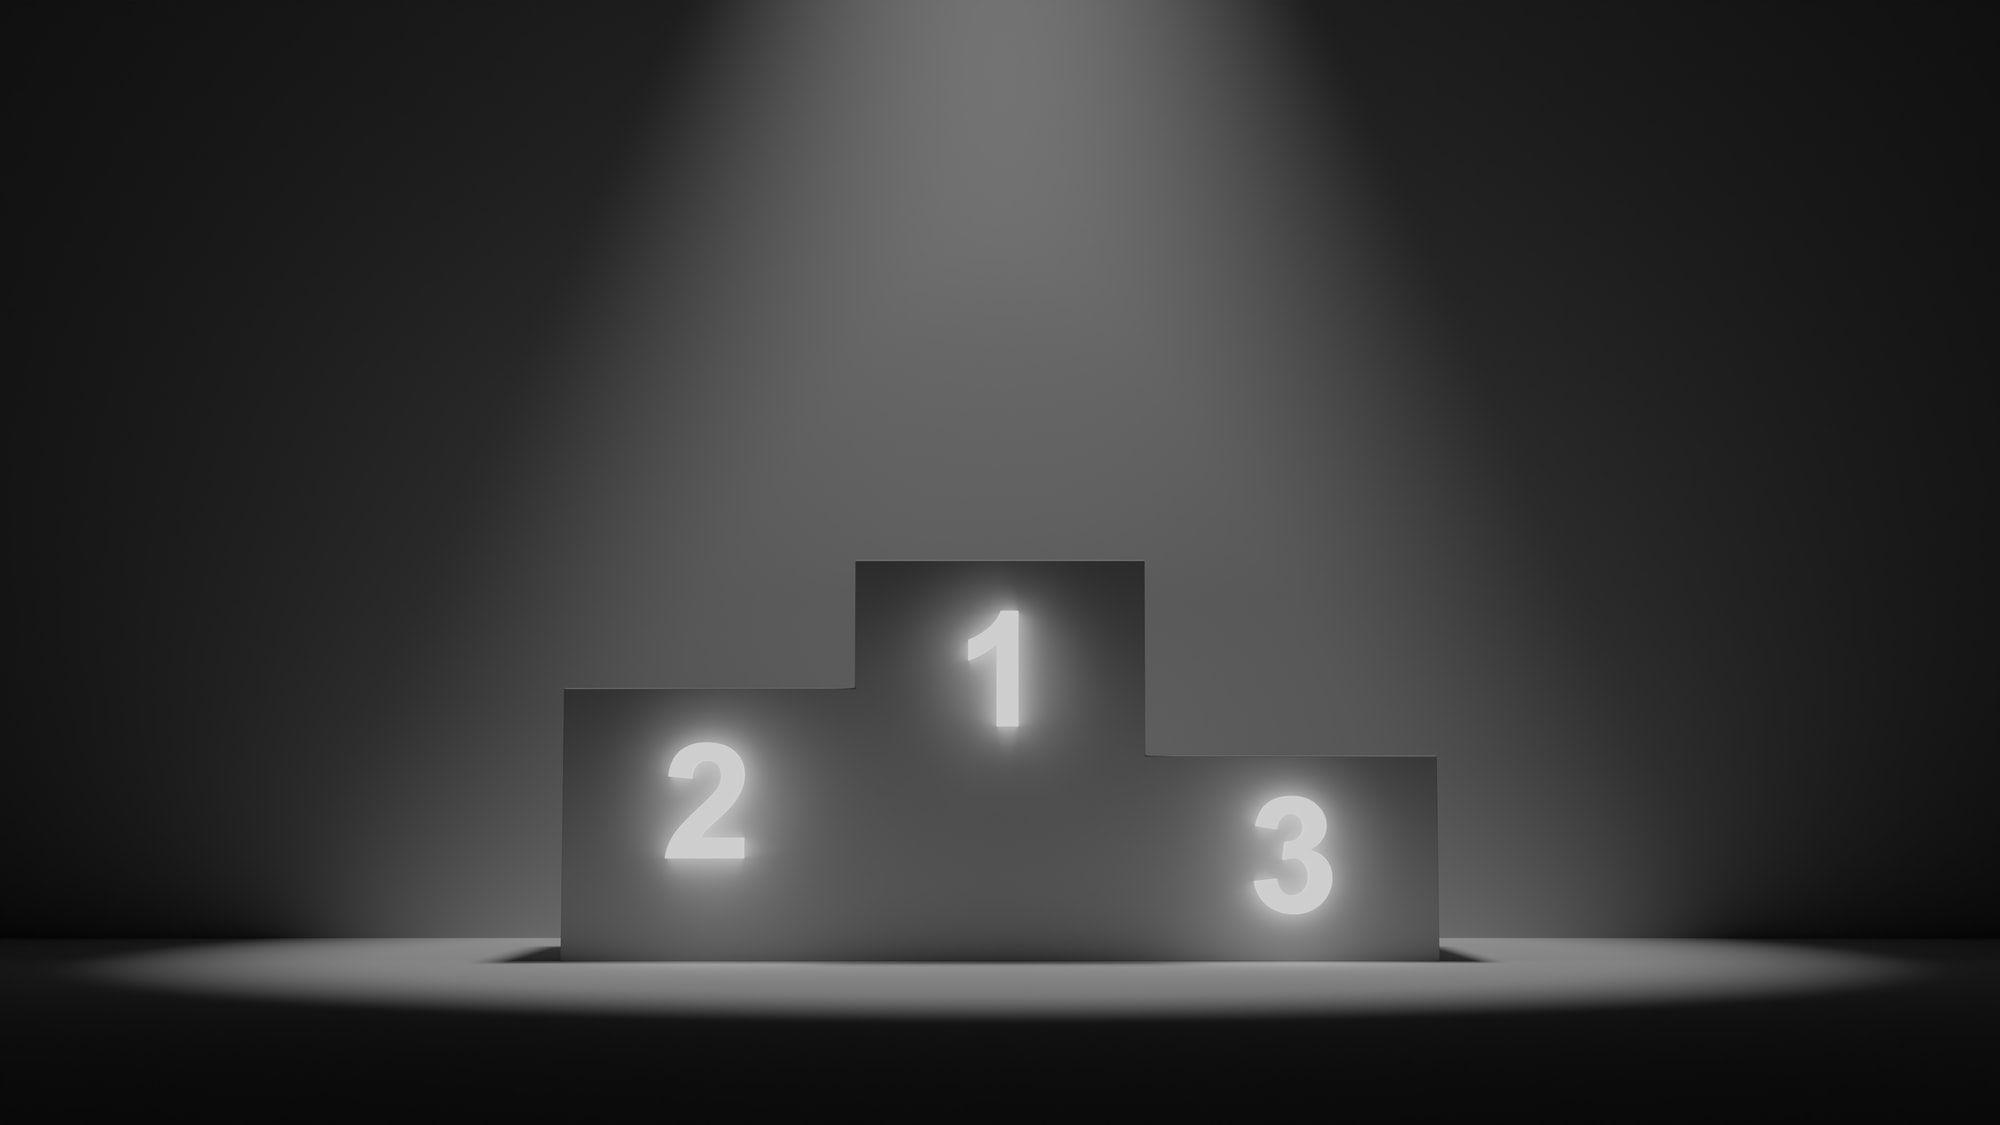 ETF-Sparplan-Vergleich 2021: Welcher Anbieter ist der Beste?